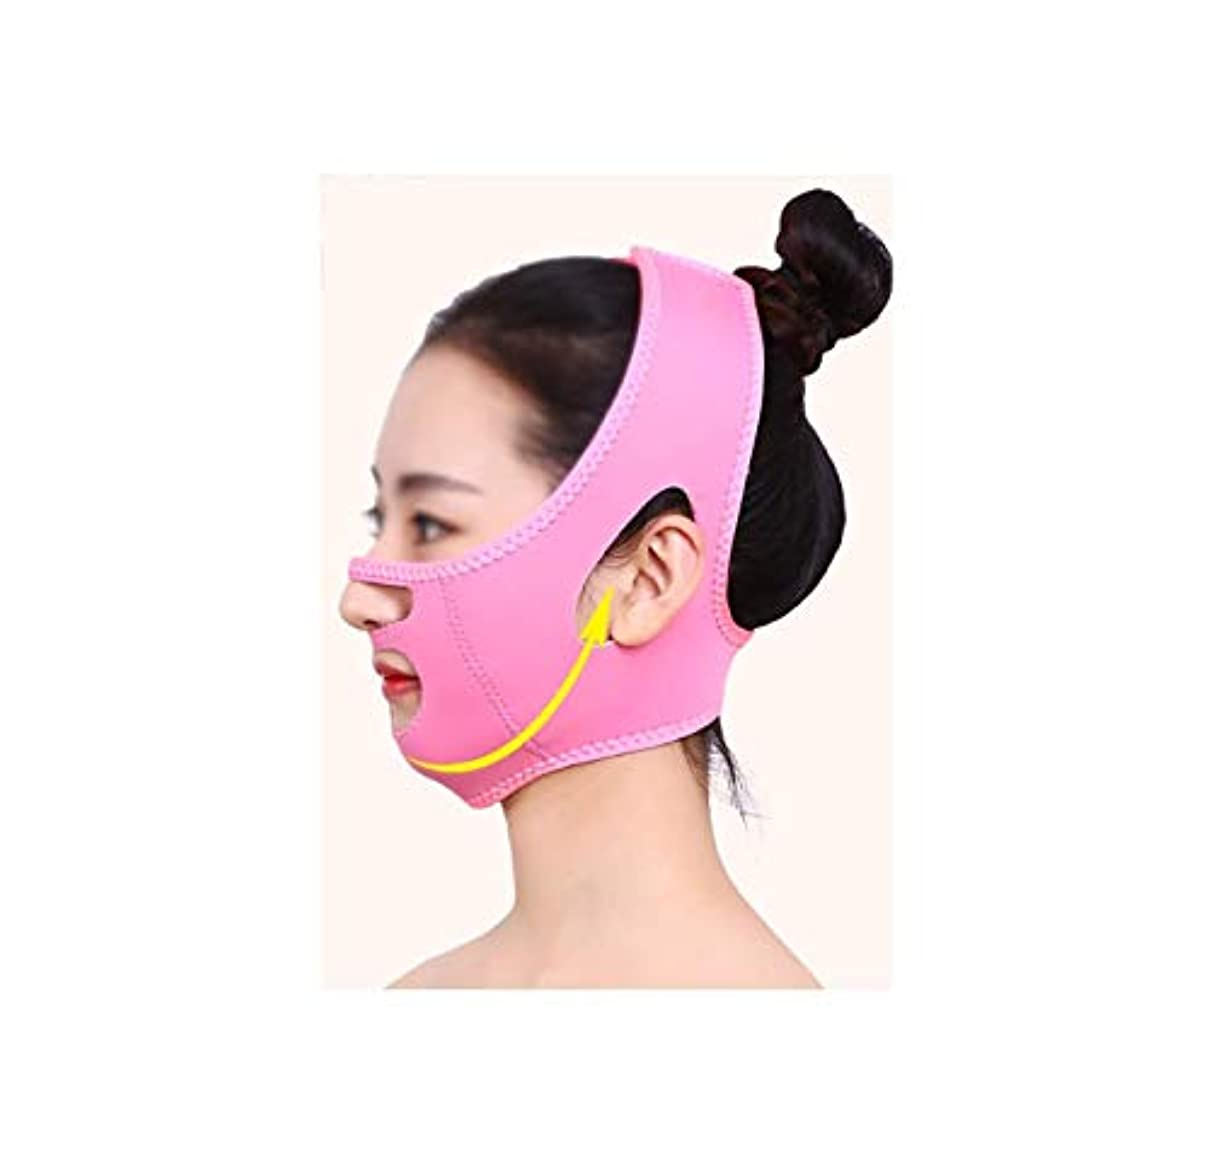 服を着る六月無関心フェイスリフトマスク、フェイシャルマスク薄い顔マシン美容器具ローラー顔面薄い顔Vフェイスマスクダブルあご包帯アーティファクト